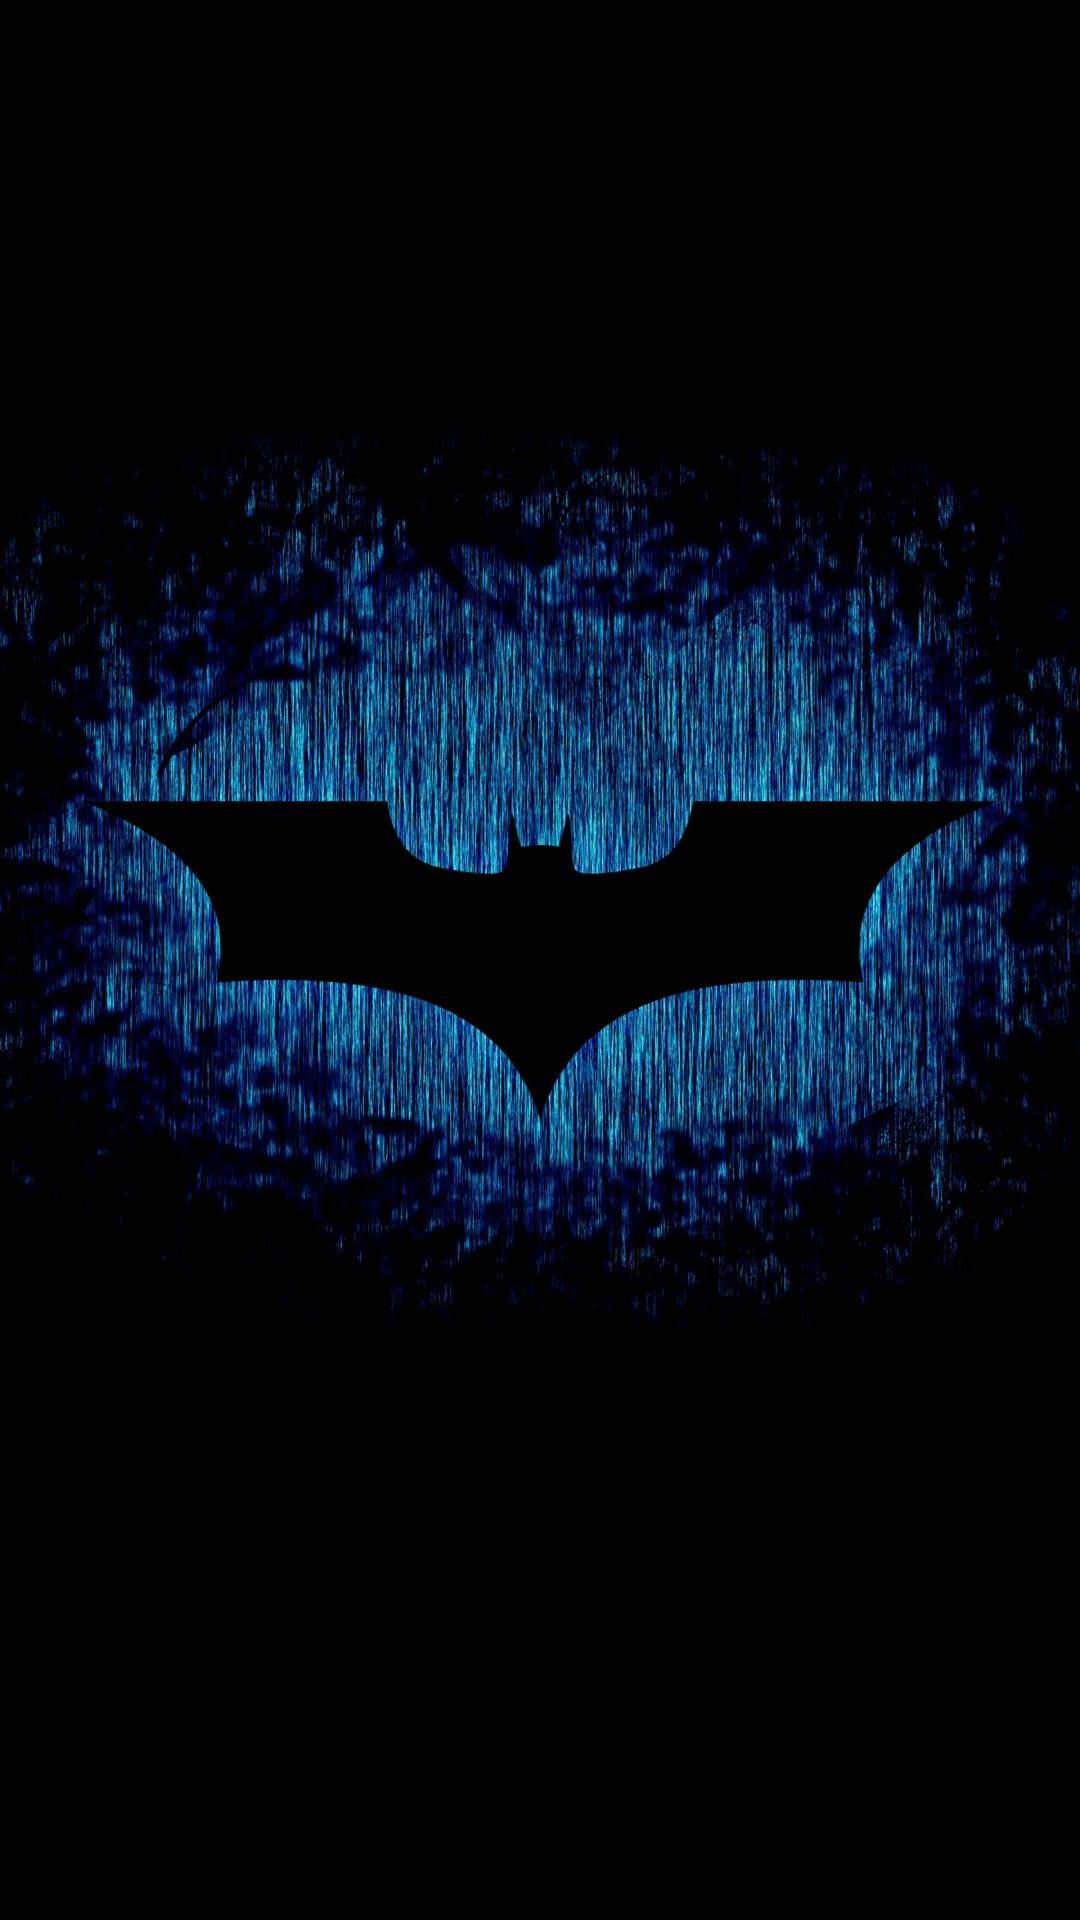 Batman Iphone Wallpaper Hd Batman Wallpaper Iphone Dark Knight Wallpaper Batman Wallpaper